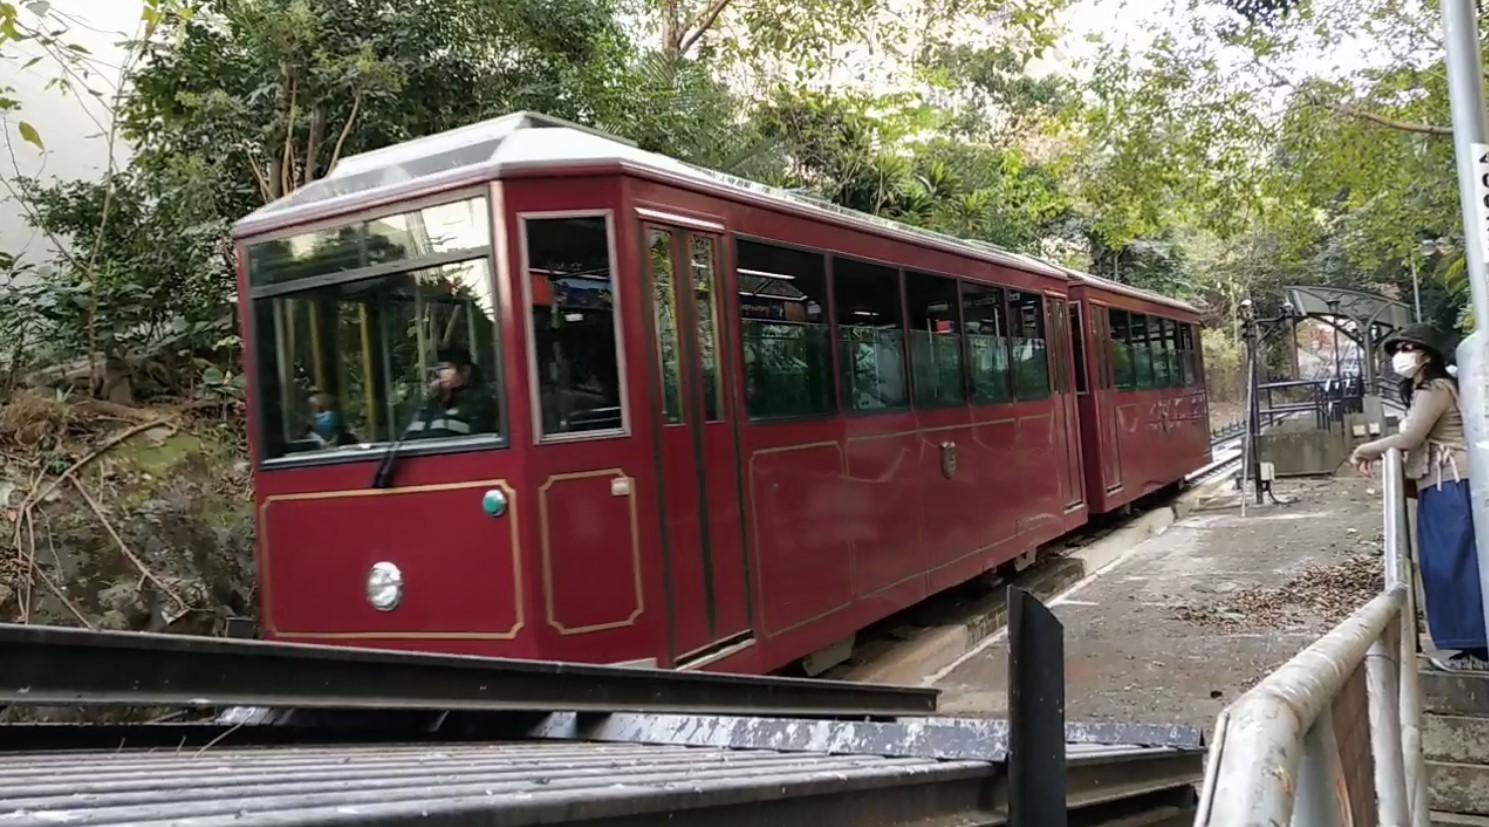 Peak Tram has two cars